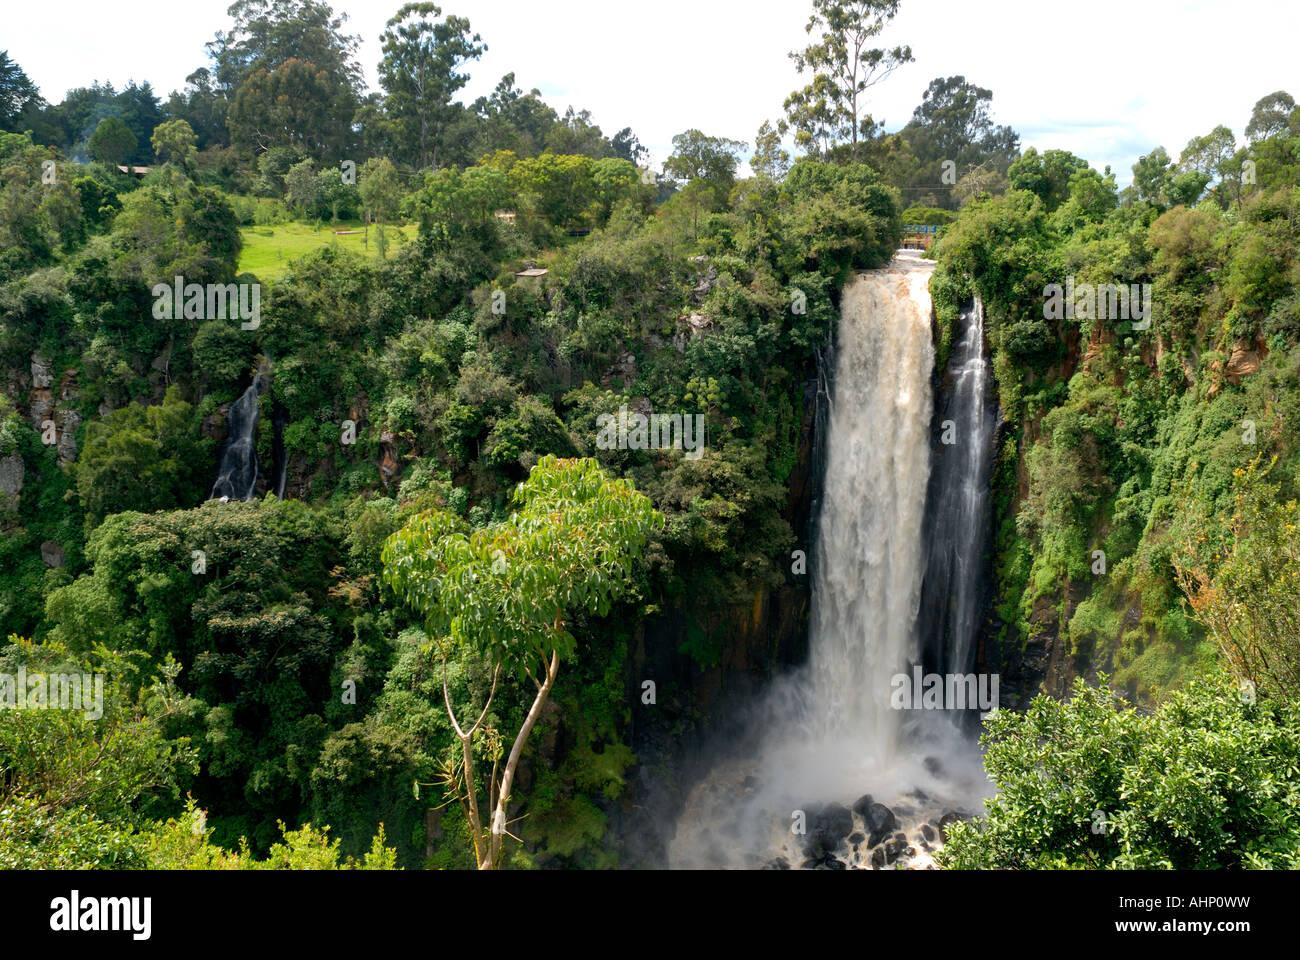 Thomson s Falls at Nyahururu Kenya East Africa - Stock Image